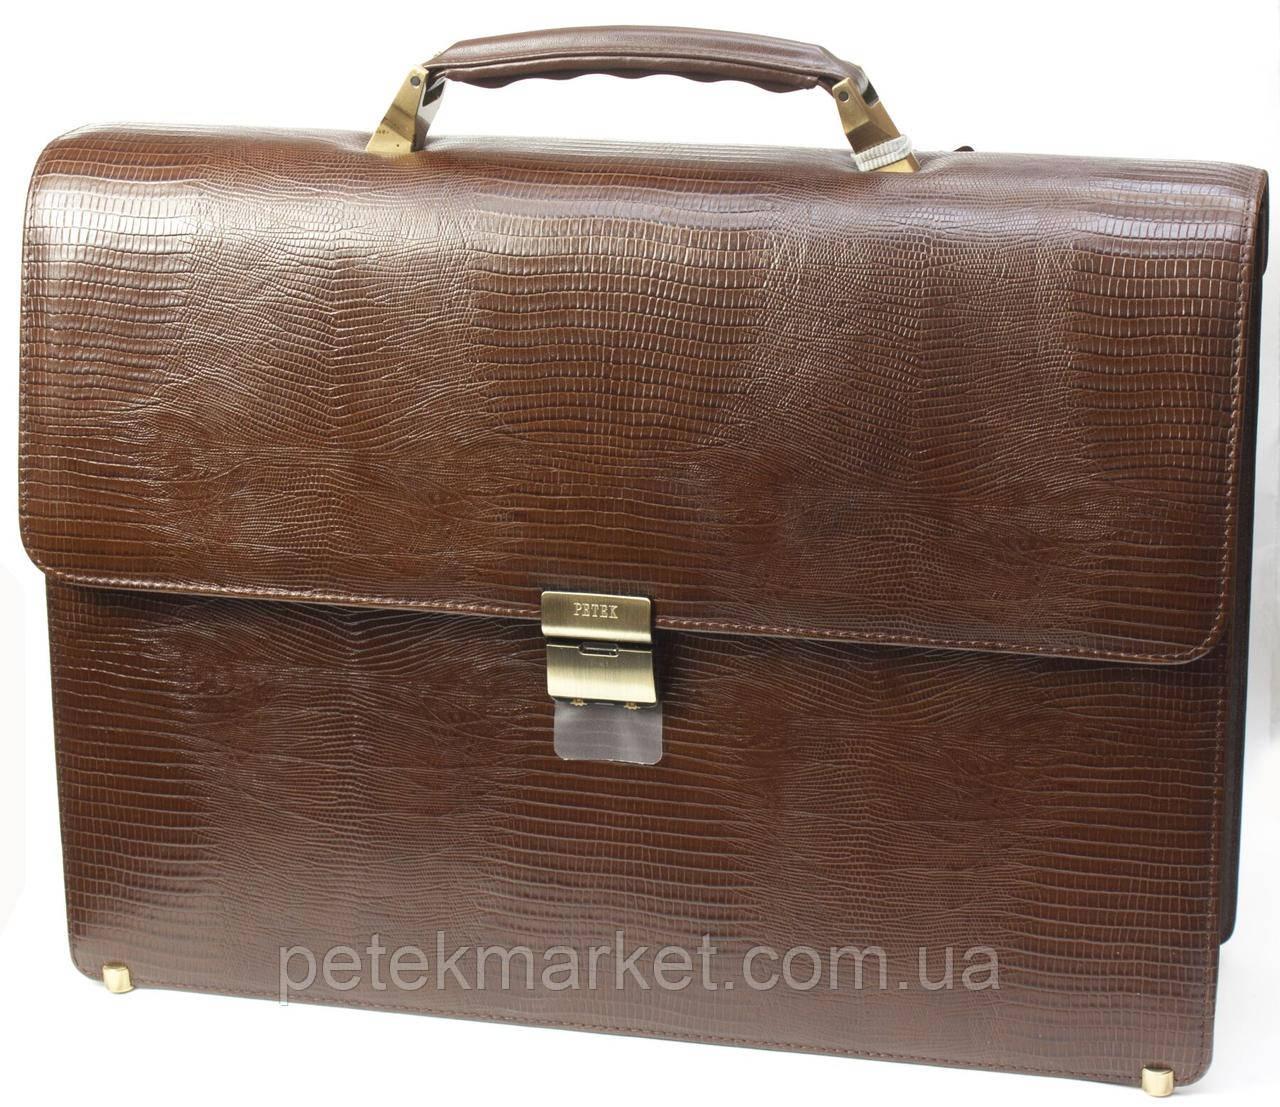 Кожаный портфель Petek 824